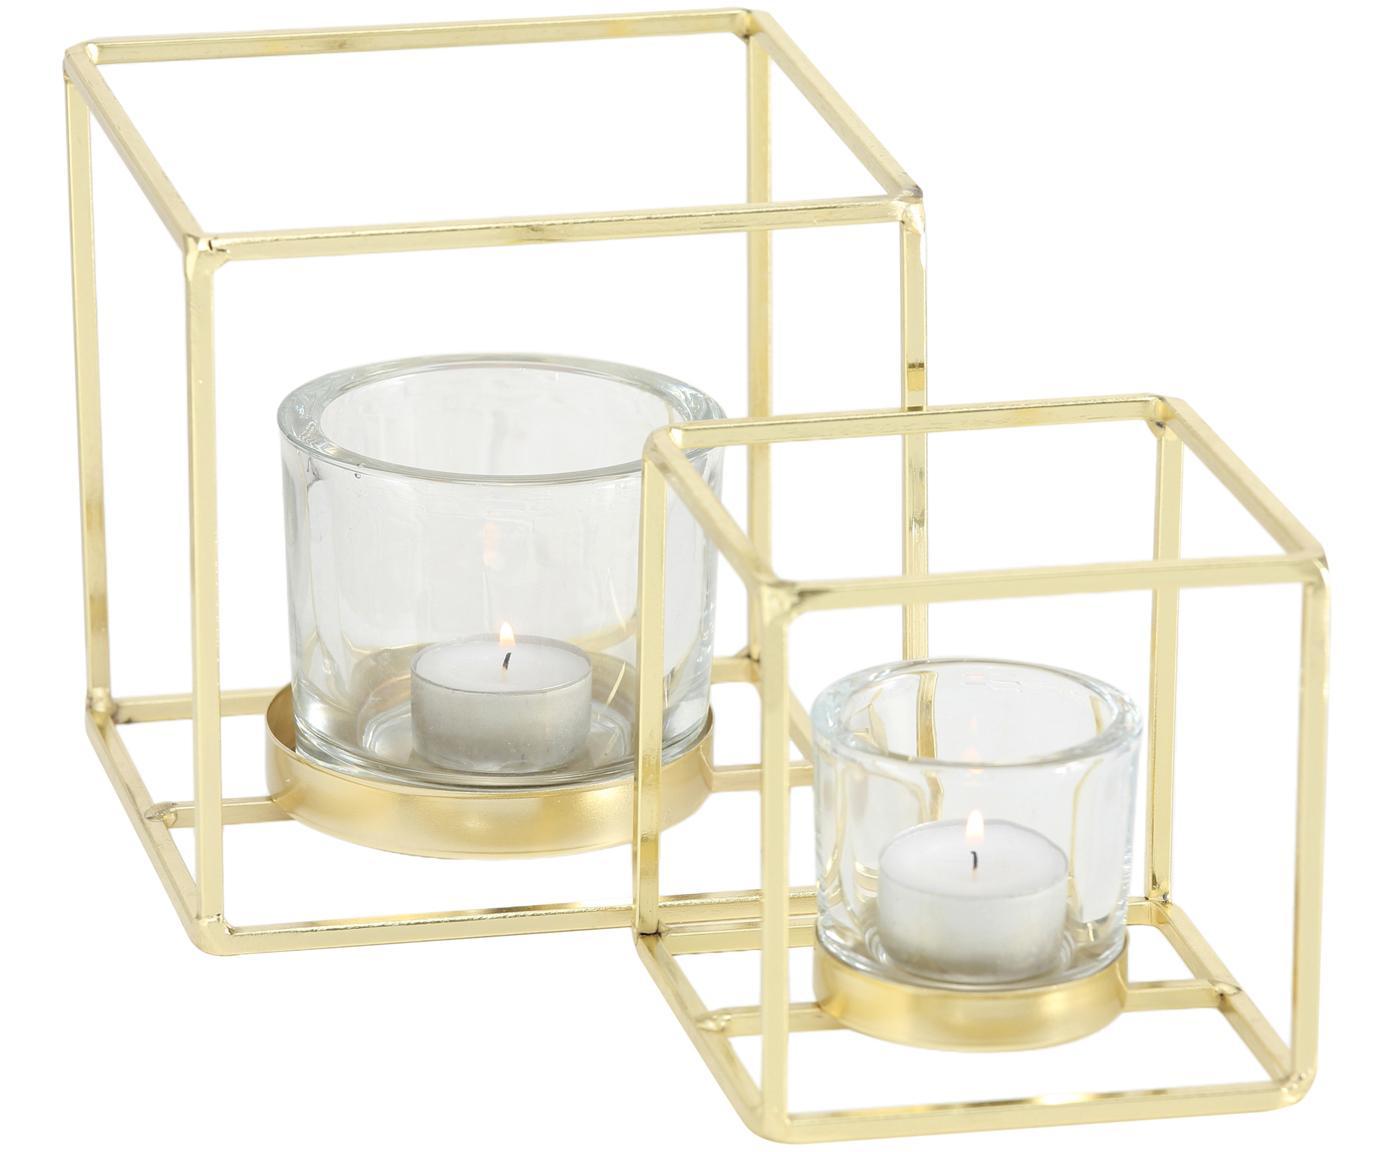 Waxinelichthoudersset Pazo, 2-delig, Windlicht: glas, Frame: gecoat metaal, Transparant, messingkleurig, Verschillende formaten